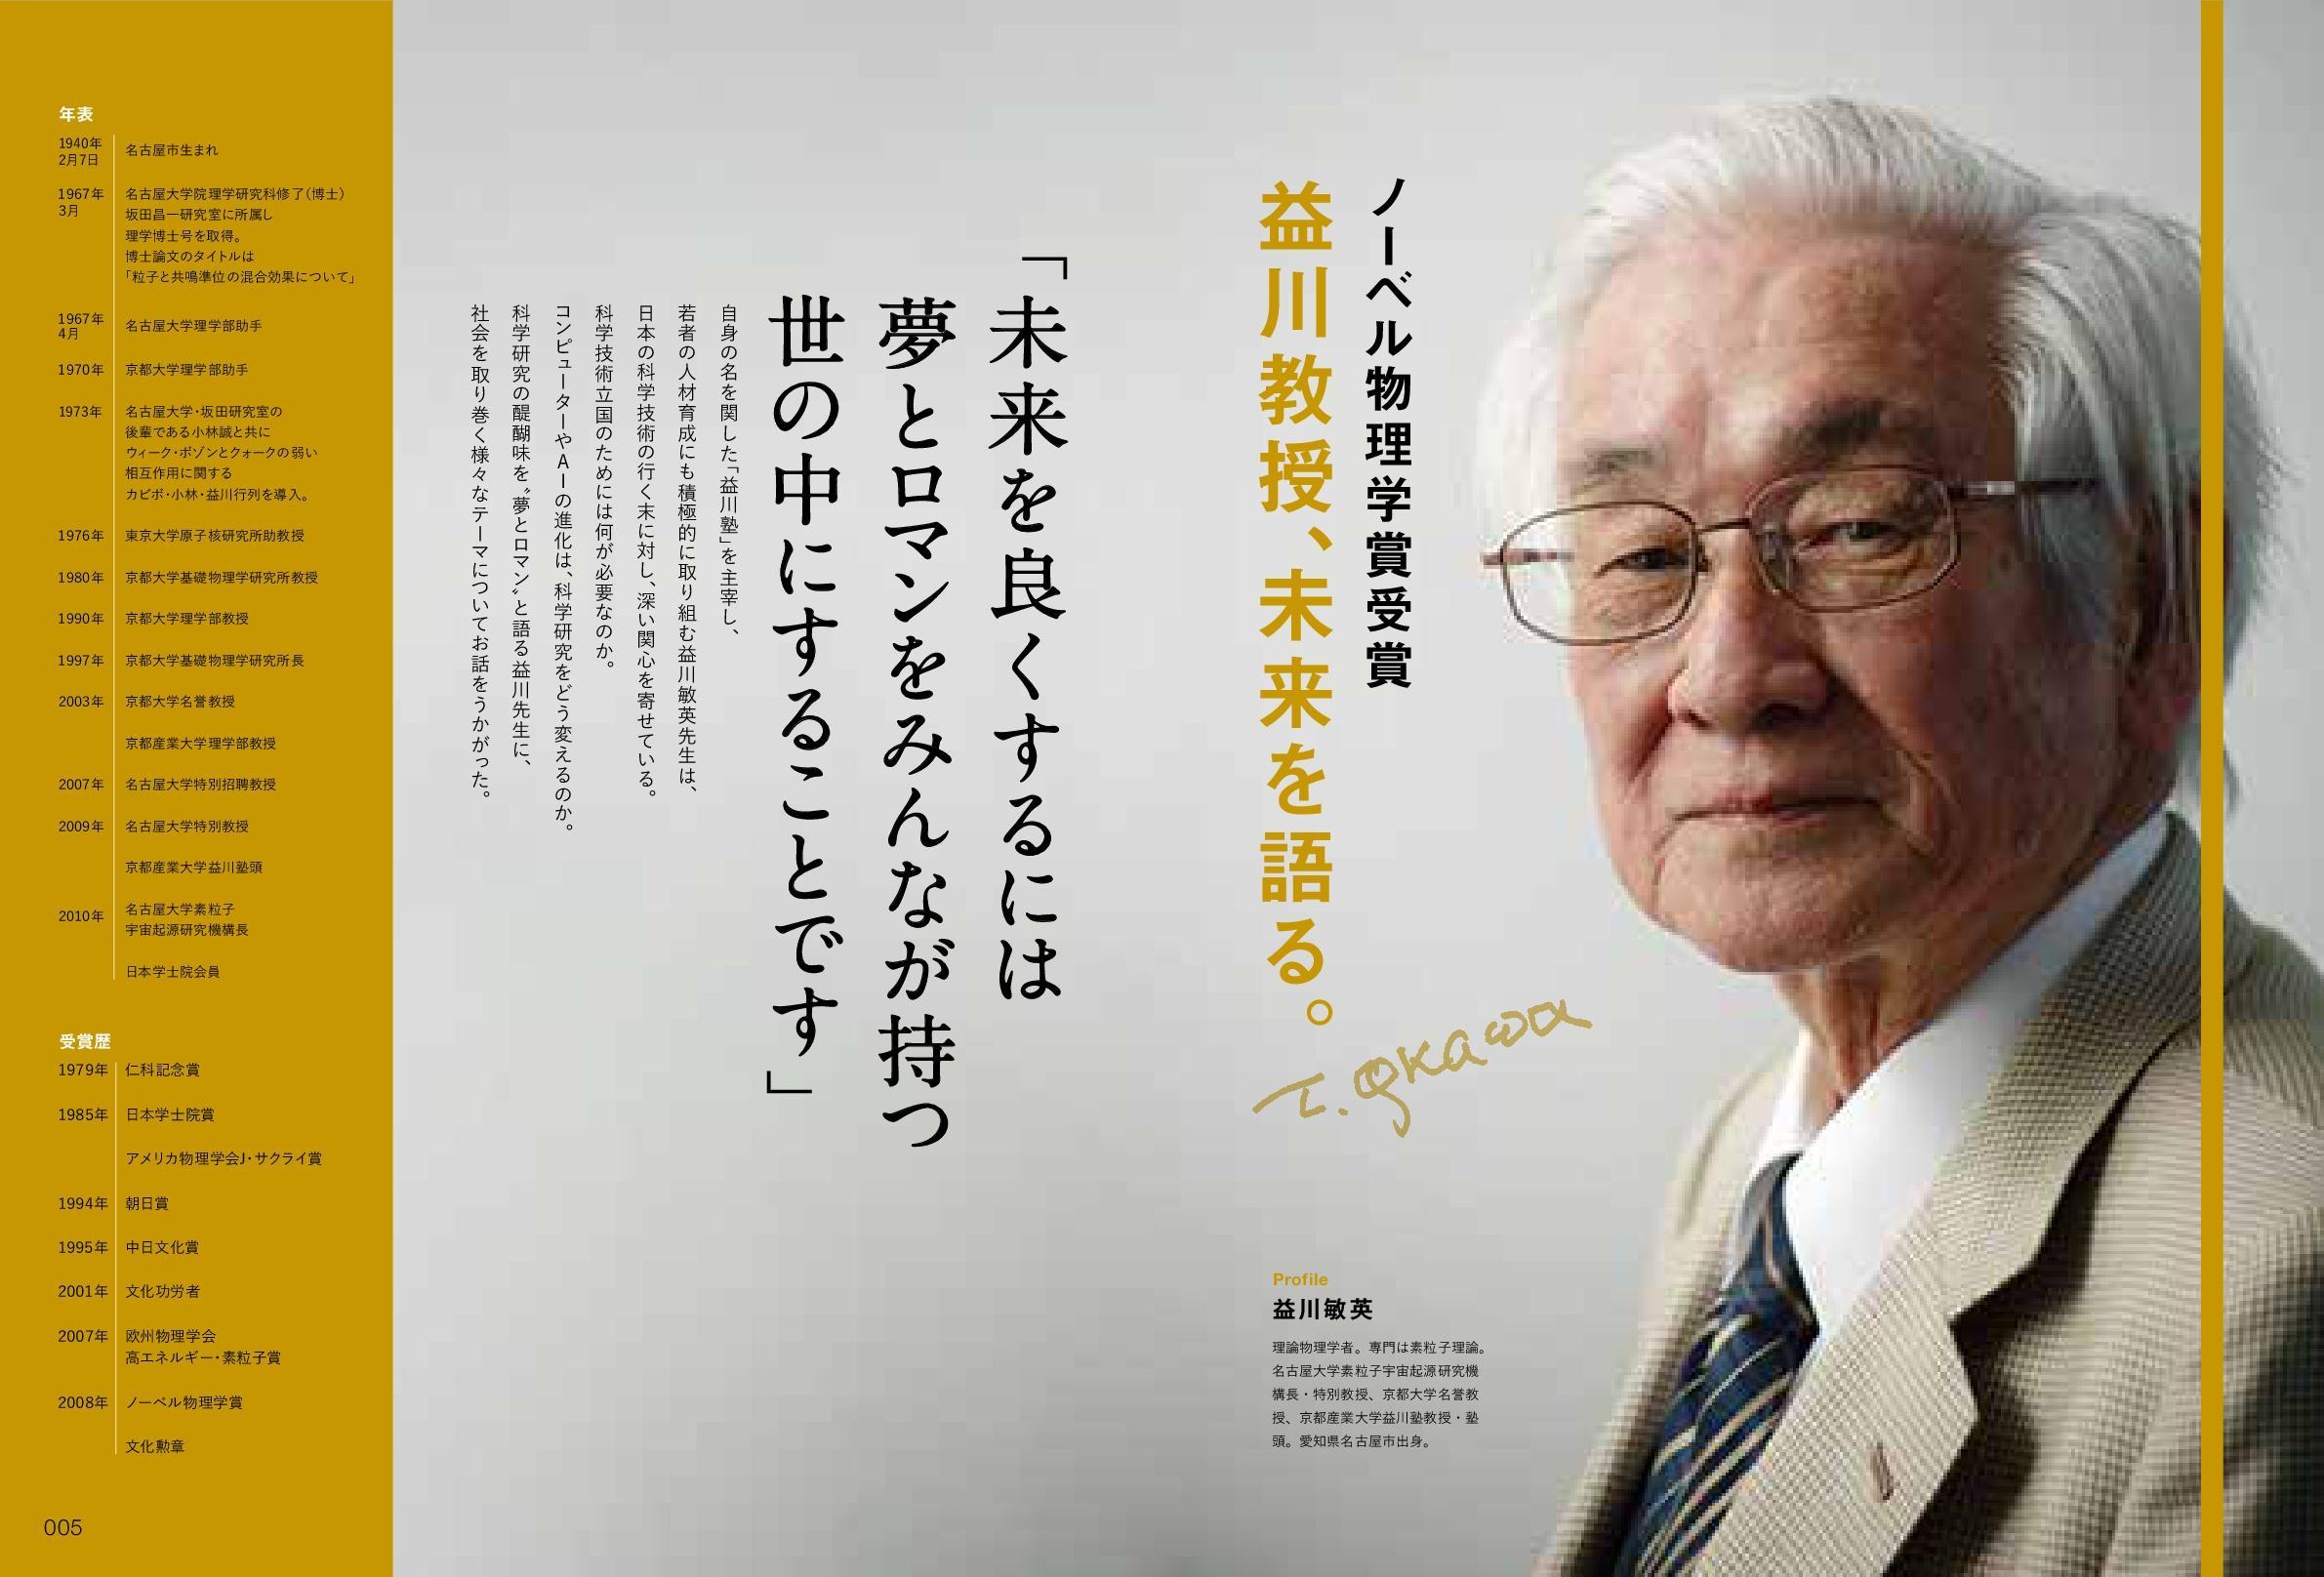 学士助手 - JapaneseClass.jp